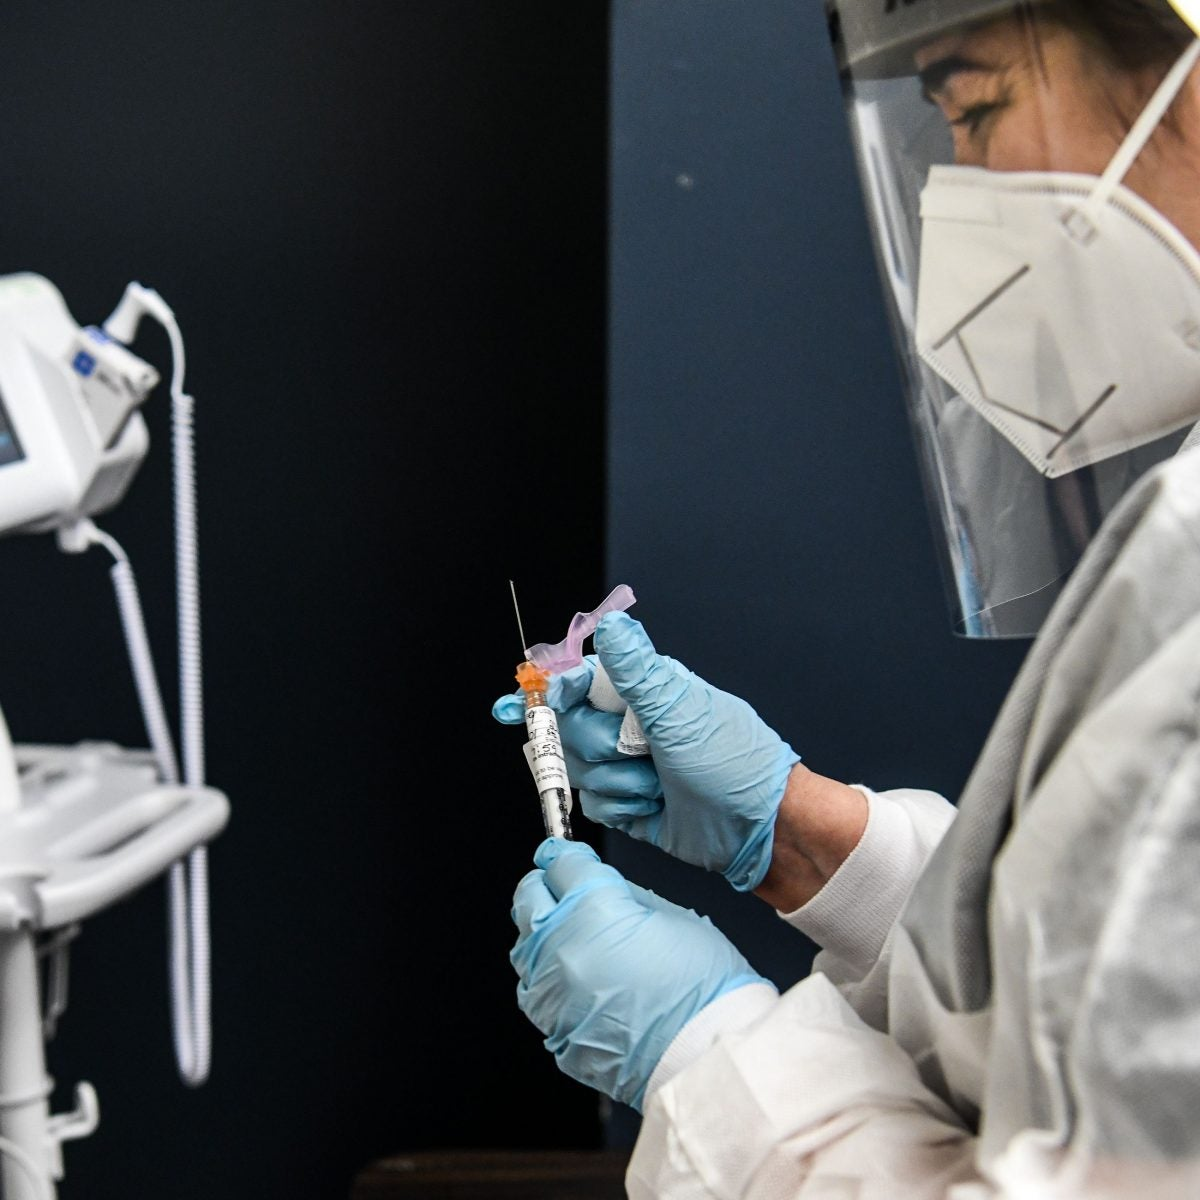 2 HBCU Presidents Participated In COVID-19 Vaccine Trial